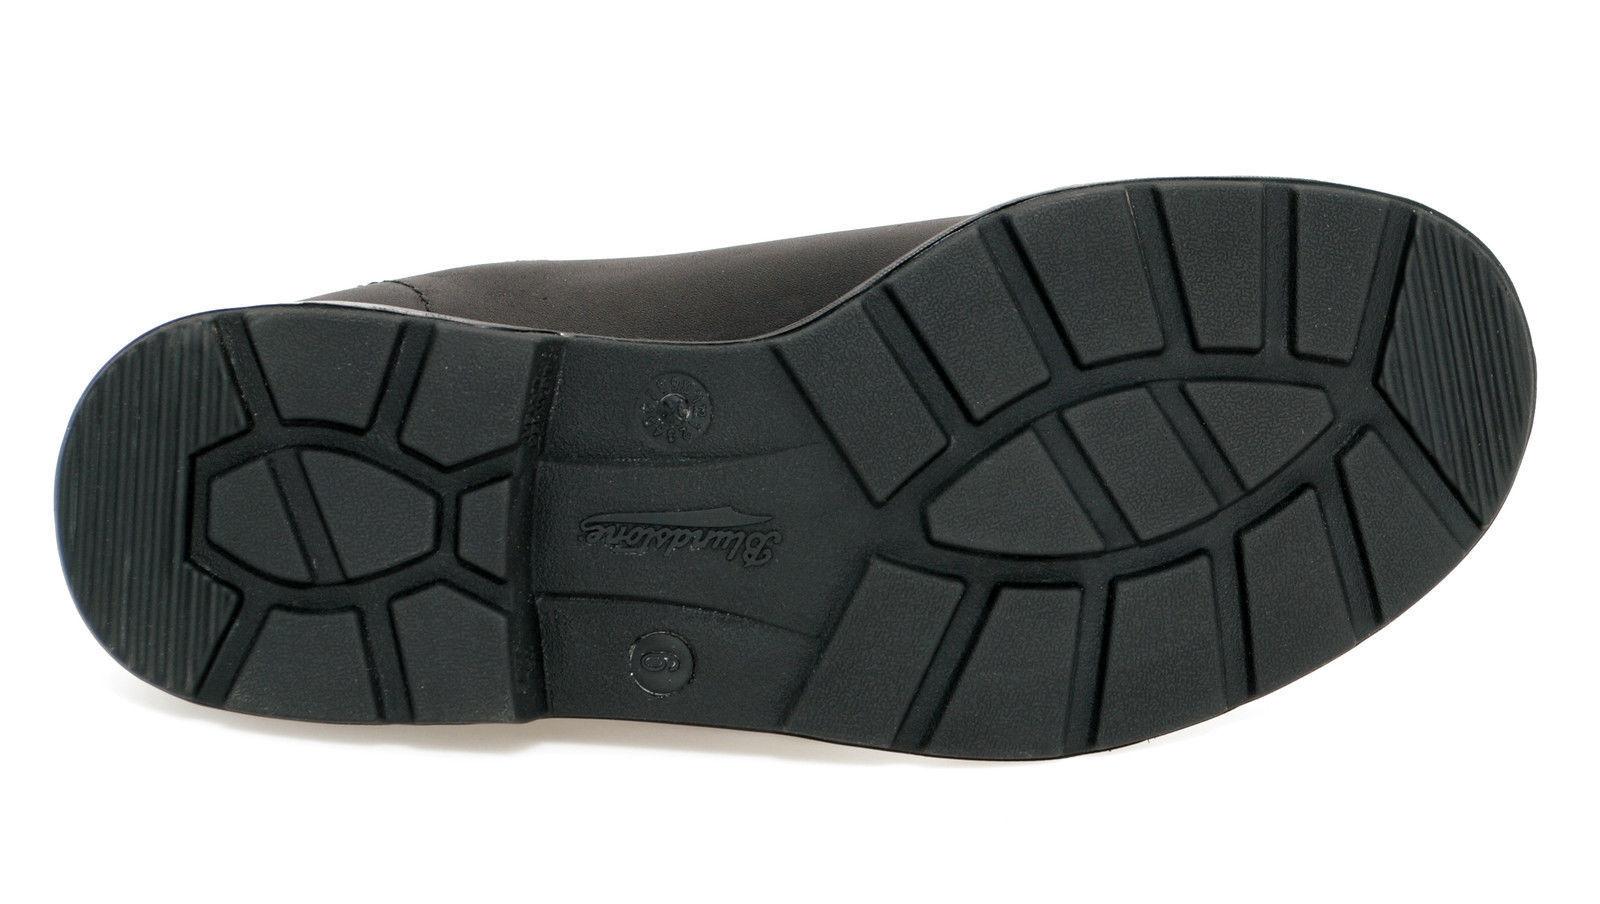 Blundstone Blundstone Blundstone Hombre Original 510 Series Premium Negro Leather botas 6b2adb